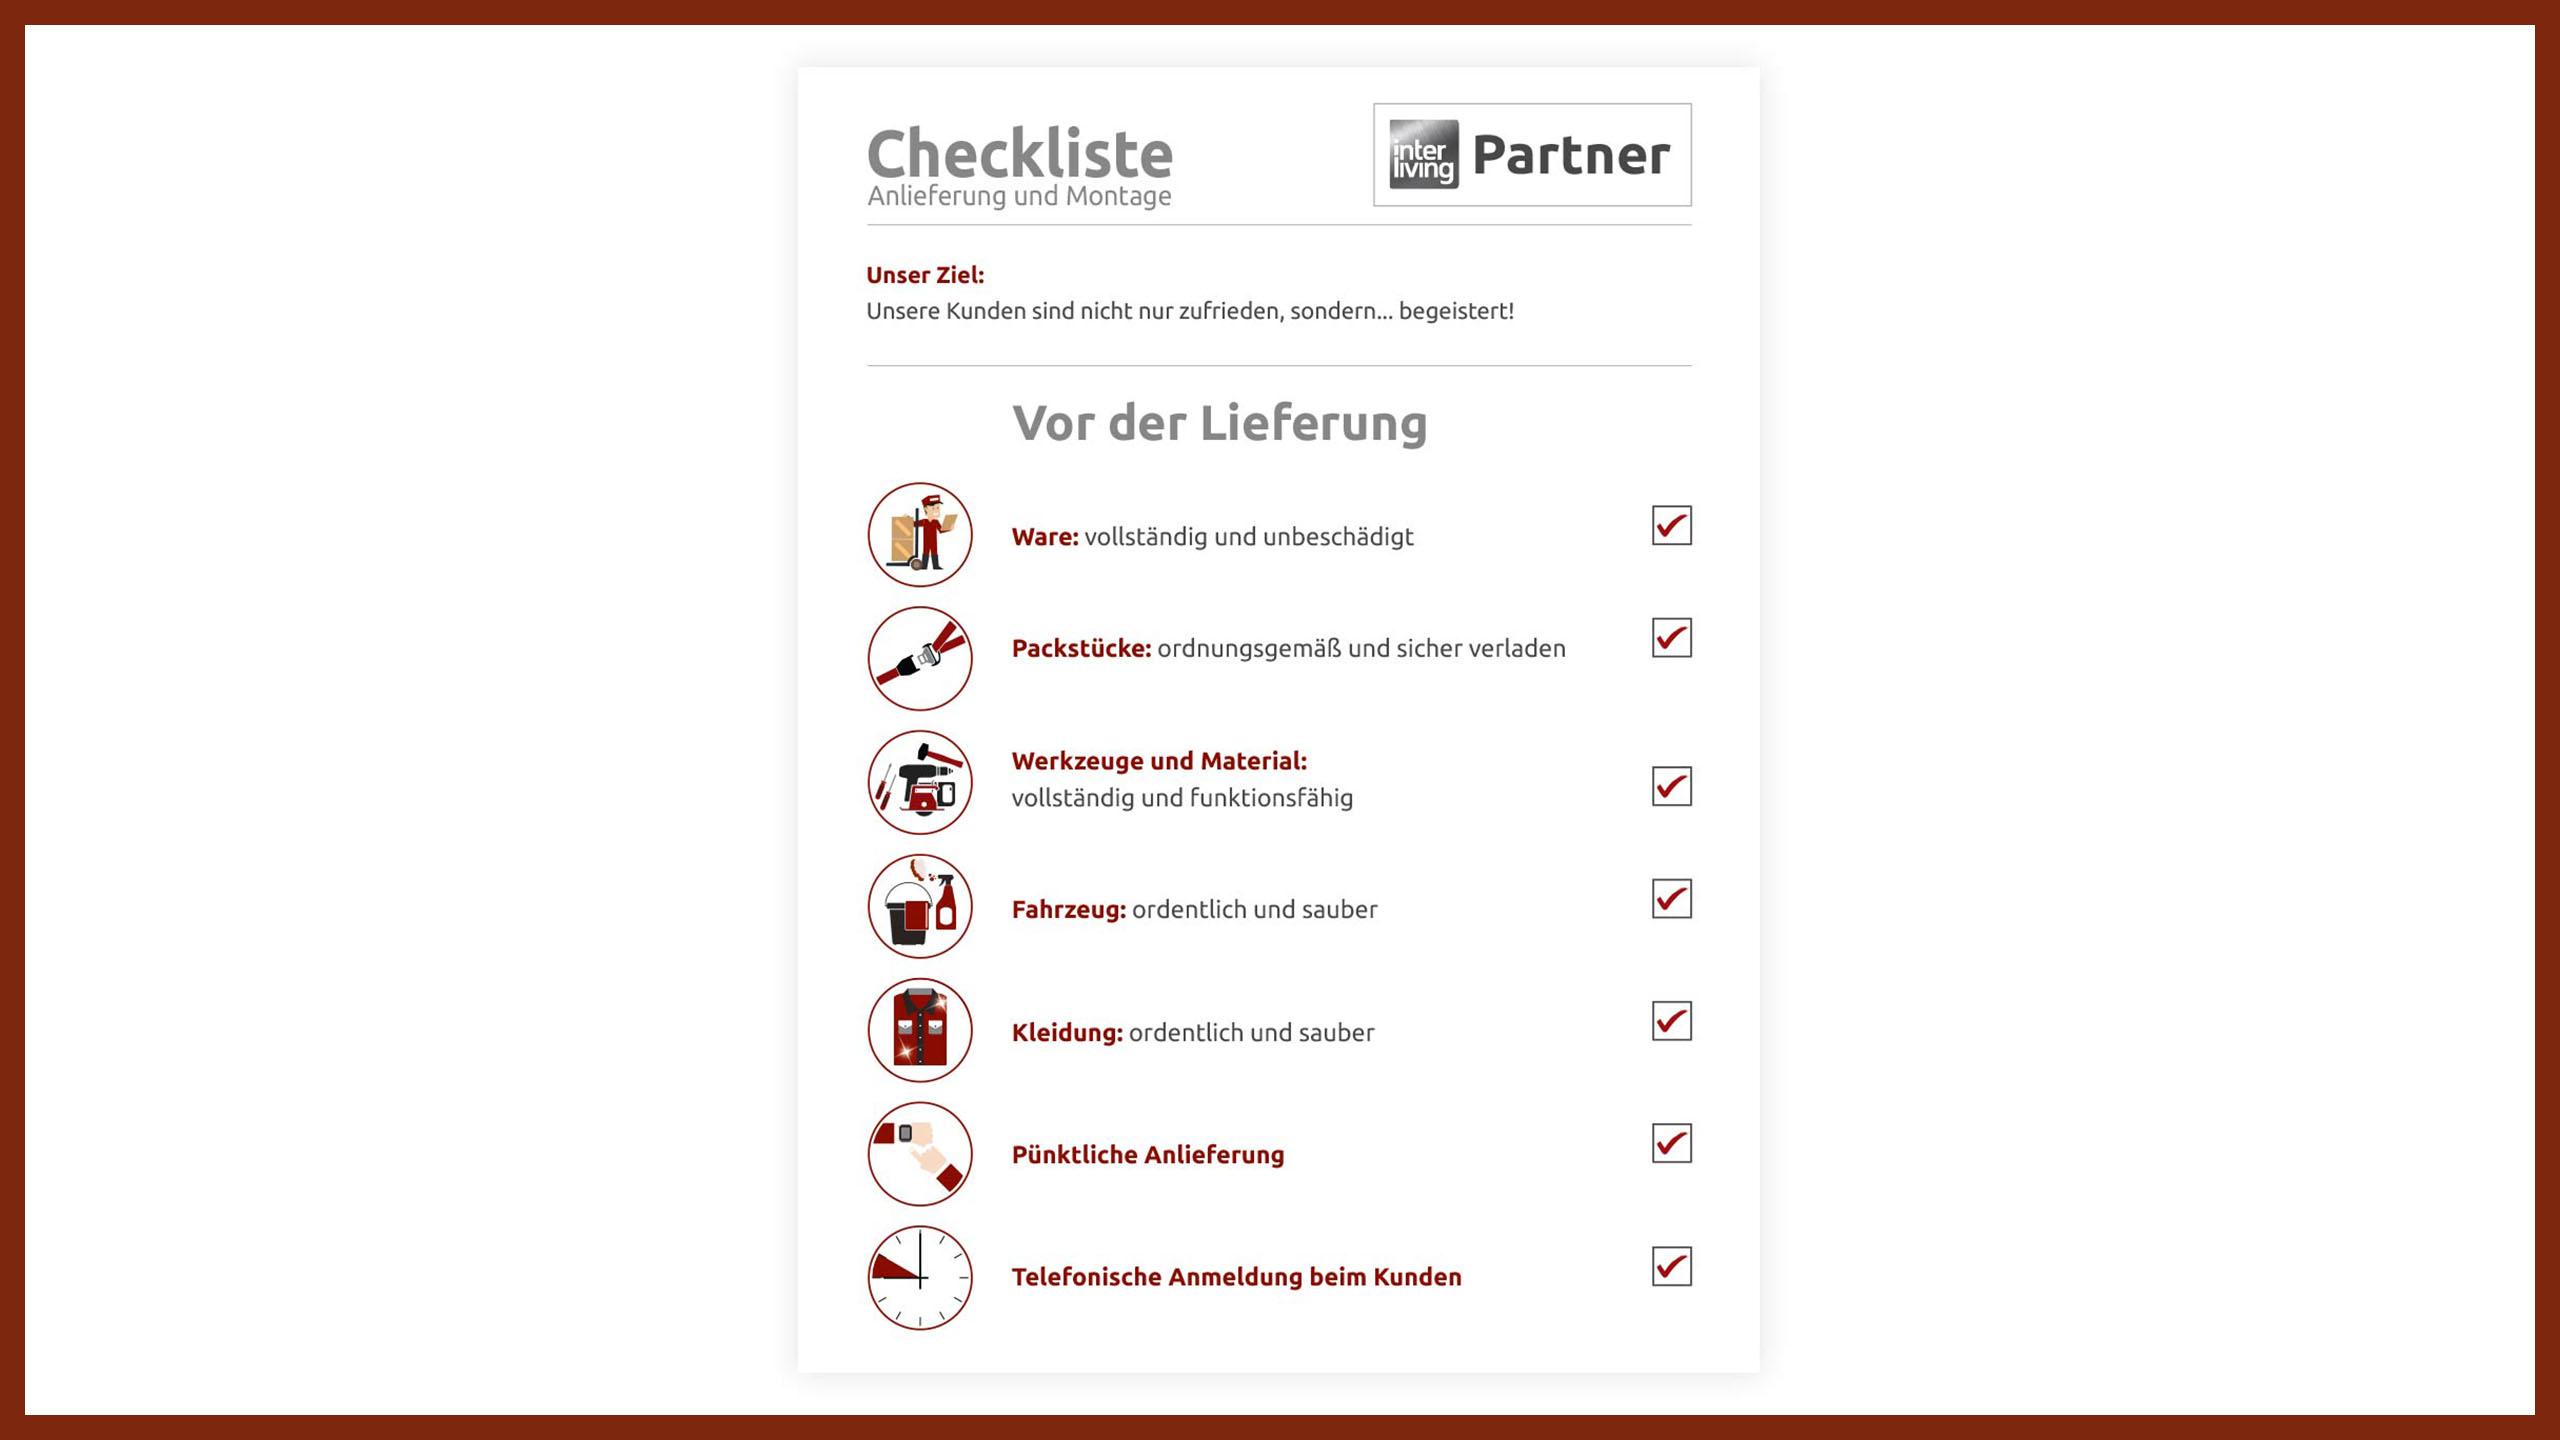 Interliving-Partnermagazin-Montage-Checkliste-vor-Lieferung